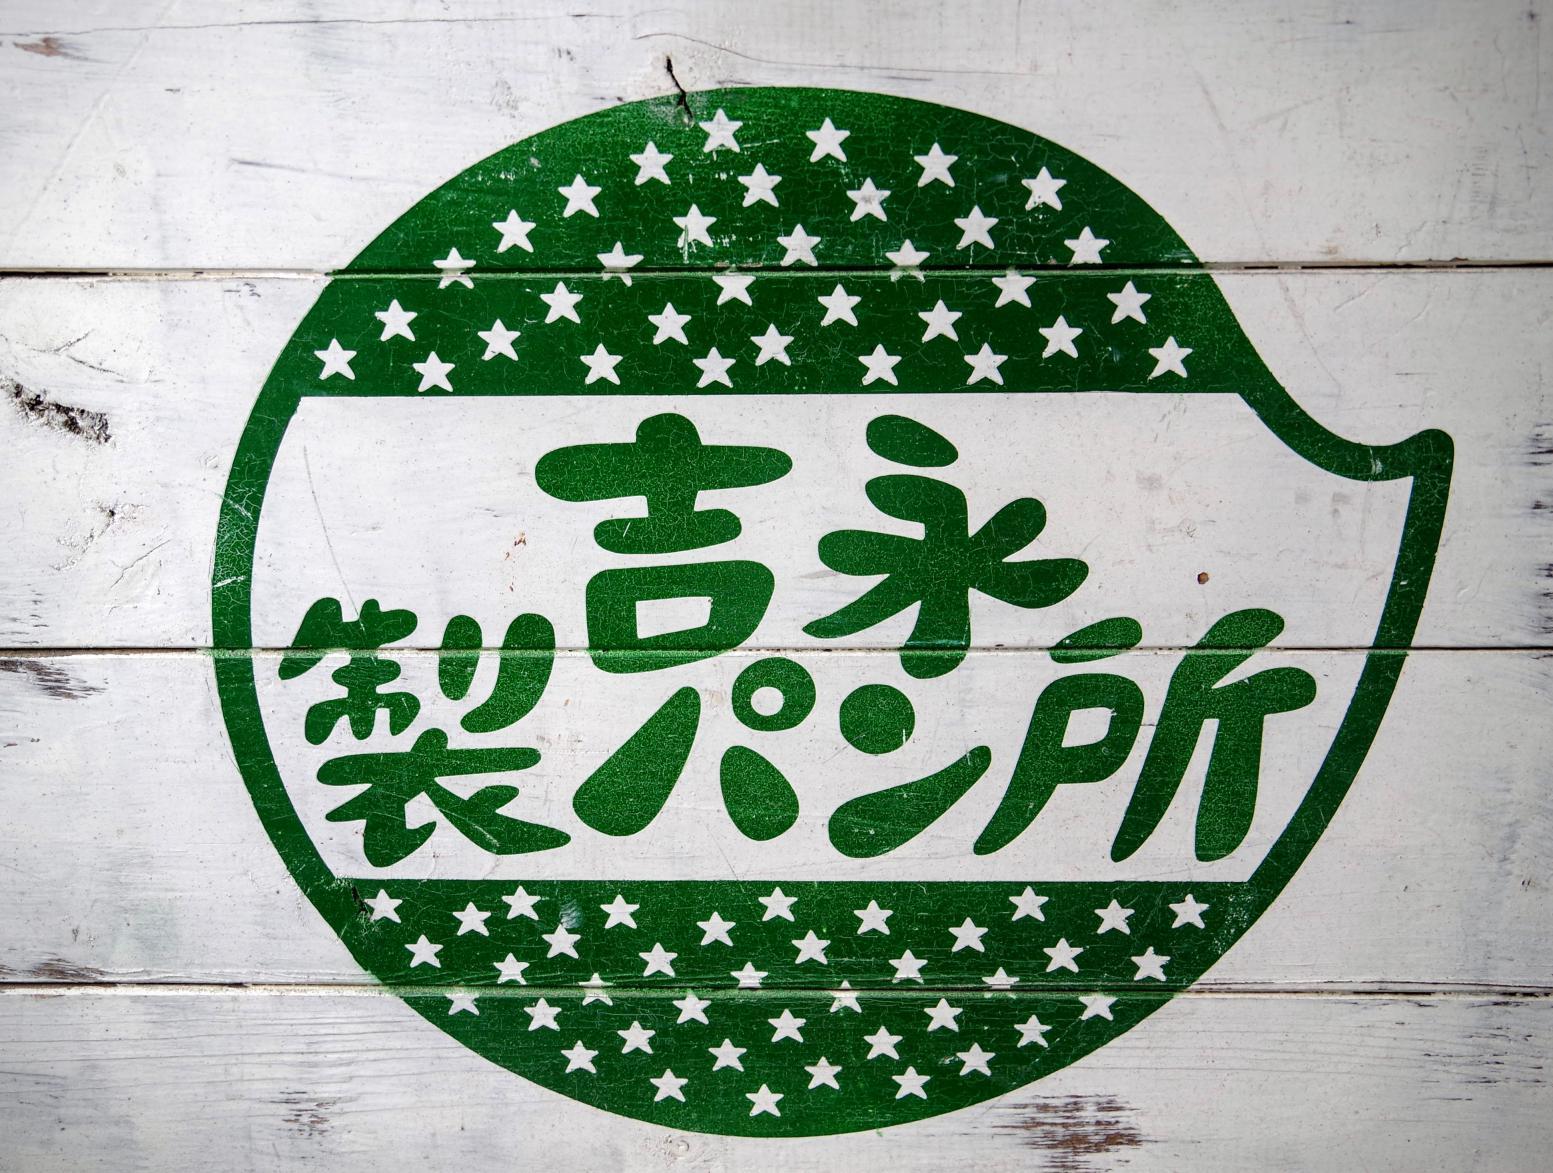 牛深のパン屋なら吉永製パン所!創業当時から変わらない安さと美味しさ